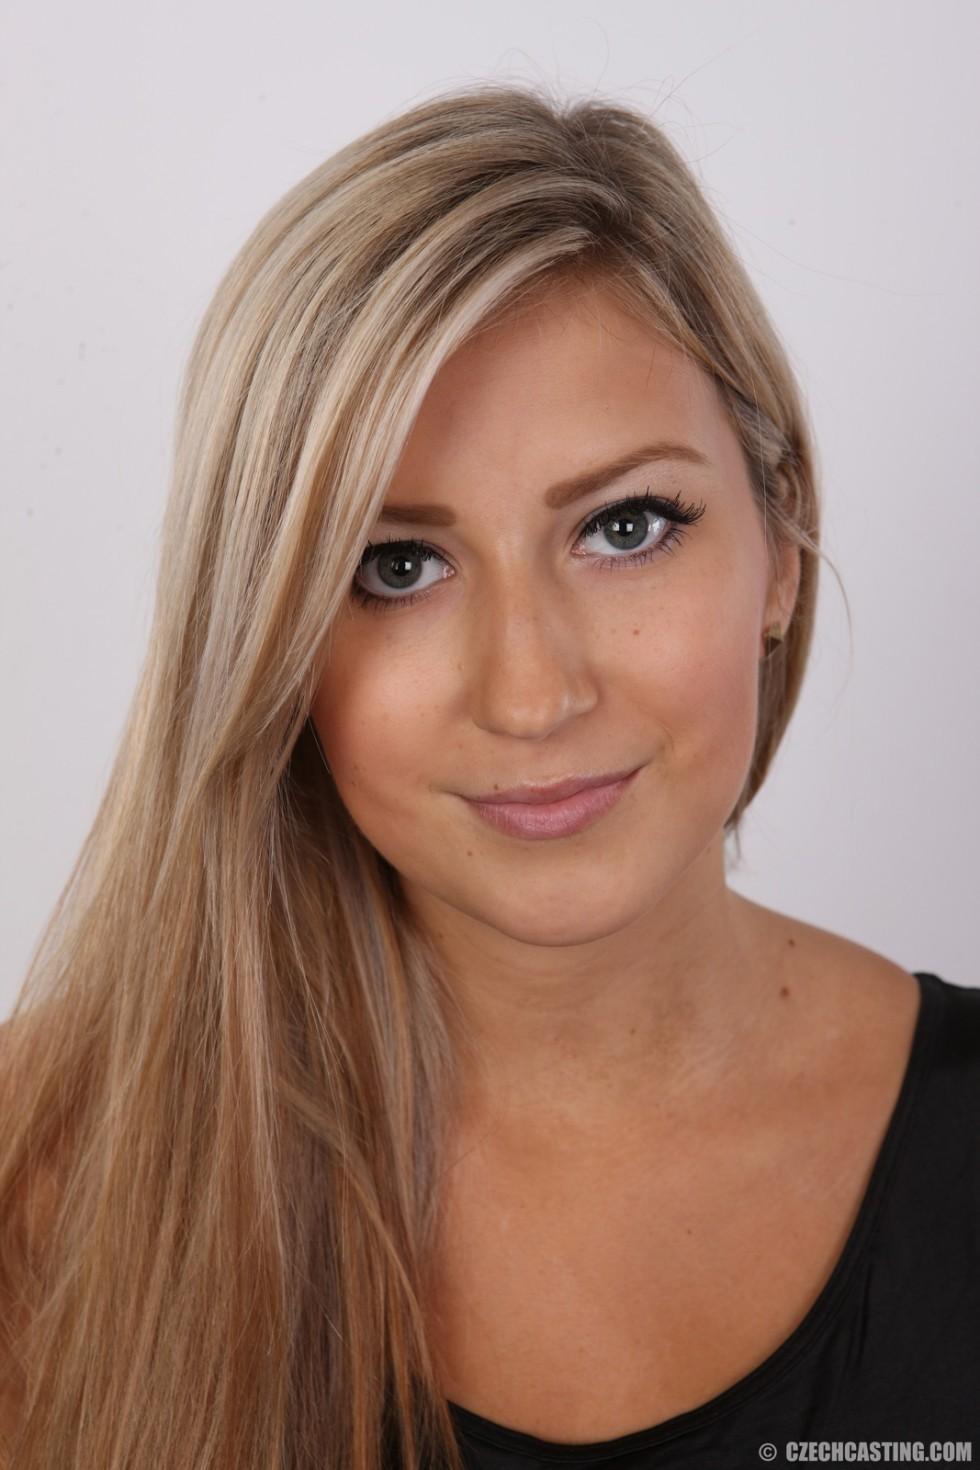 Сексуальная блондинка участвует в чешском кастинге и показывает себя во всей своей красоте